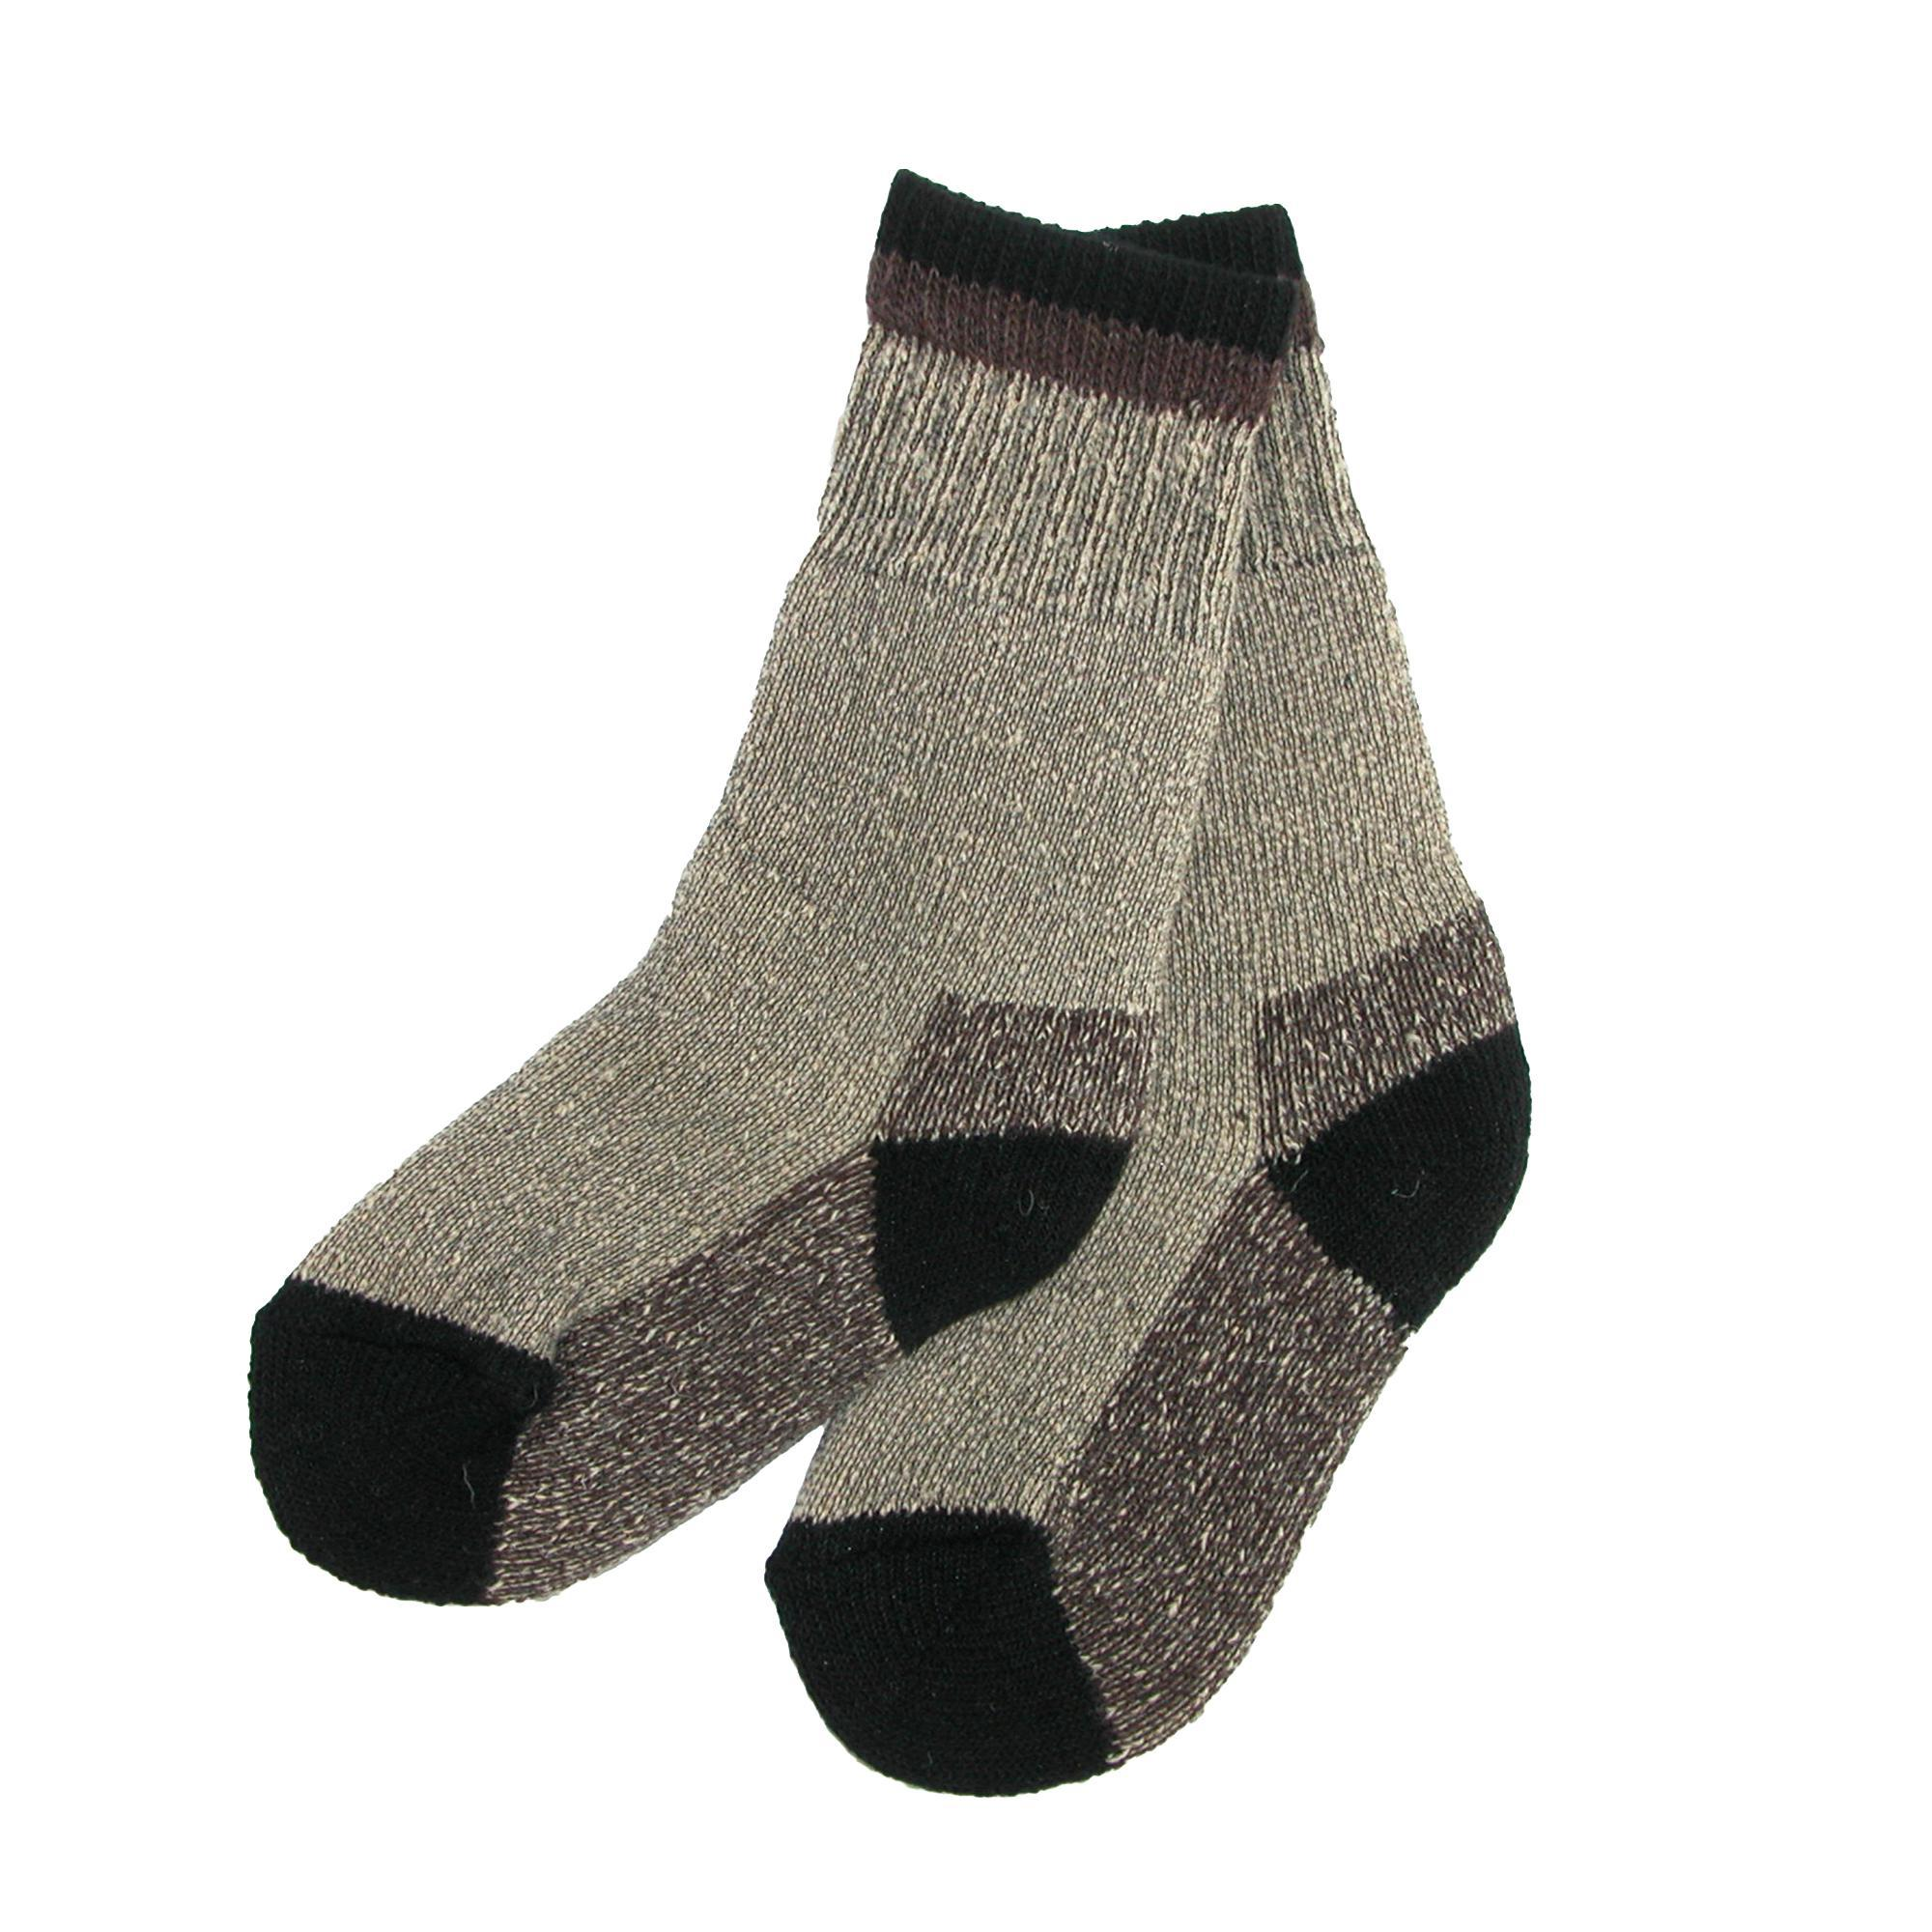 Clear Creek Boy's Wool Hiking Socks (2 Pair Pack) - image 2 de 2